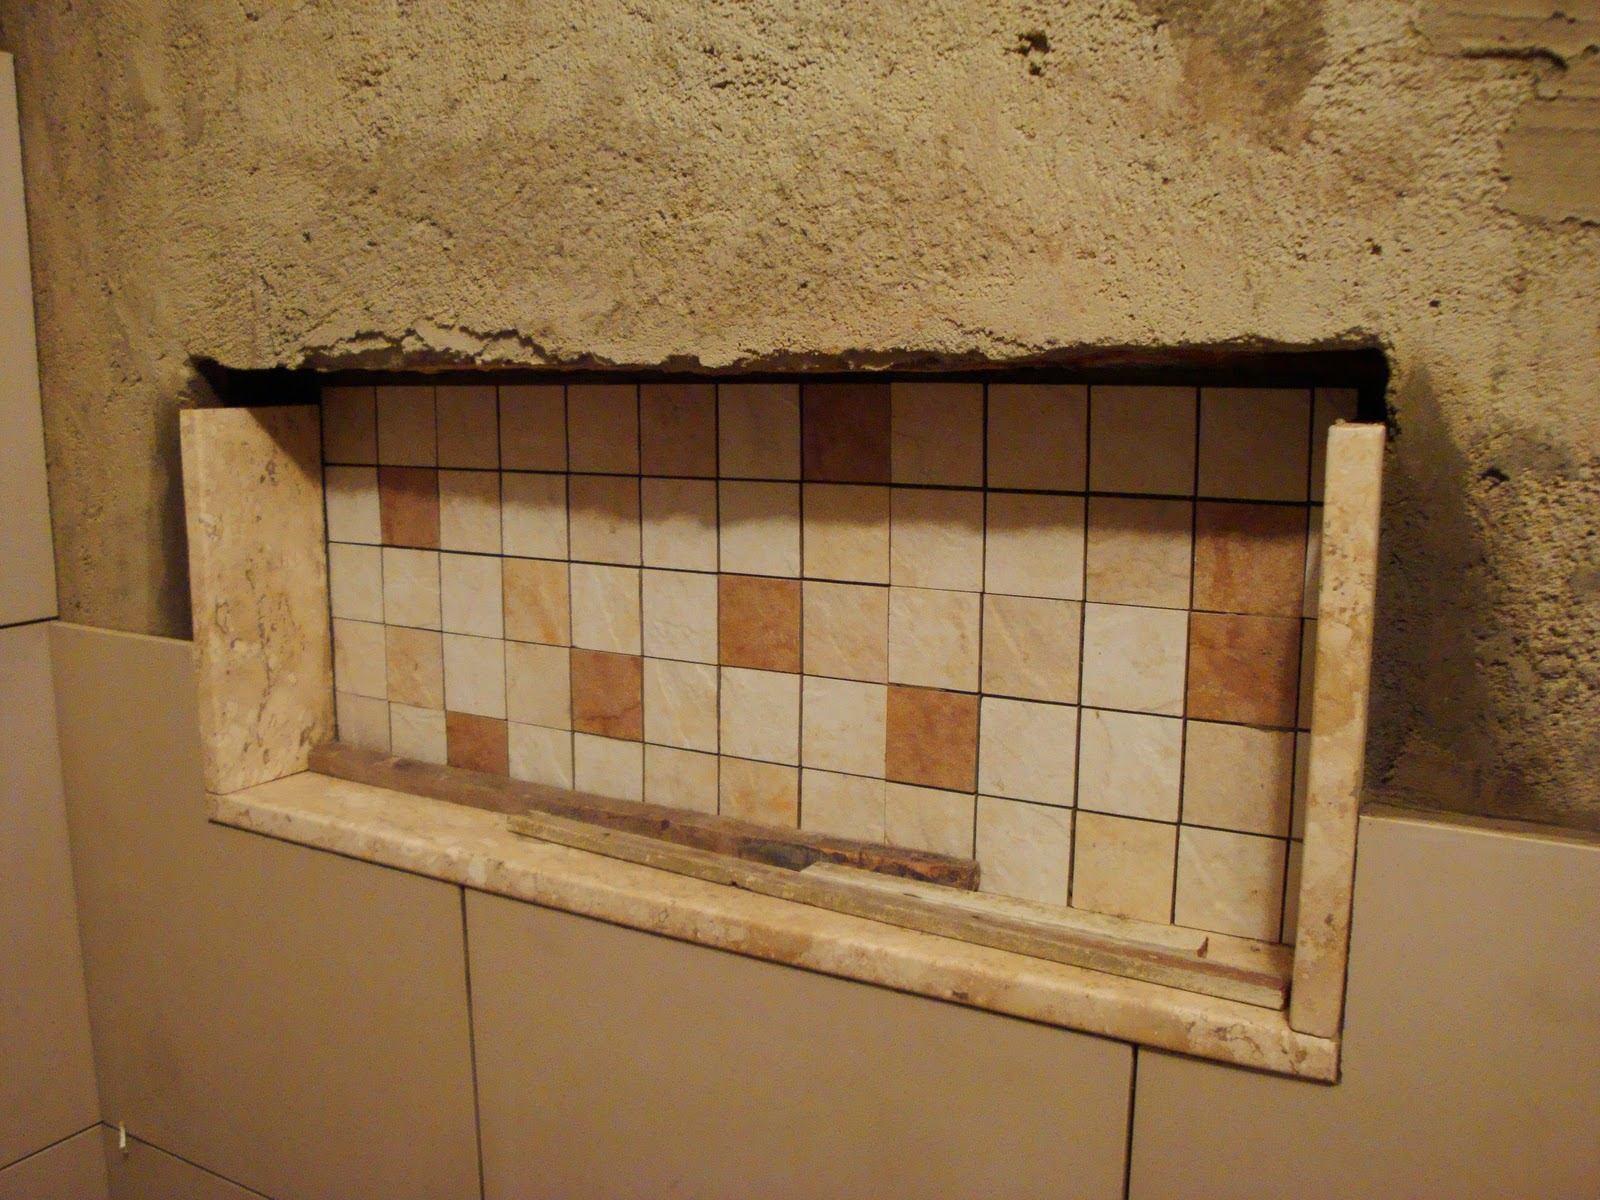 Reforma do Banheiro: Nicho para o Banheiro #3B2414 1600 1200